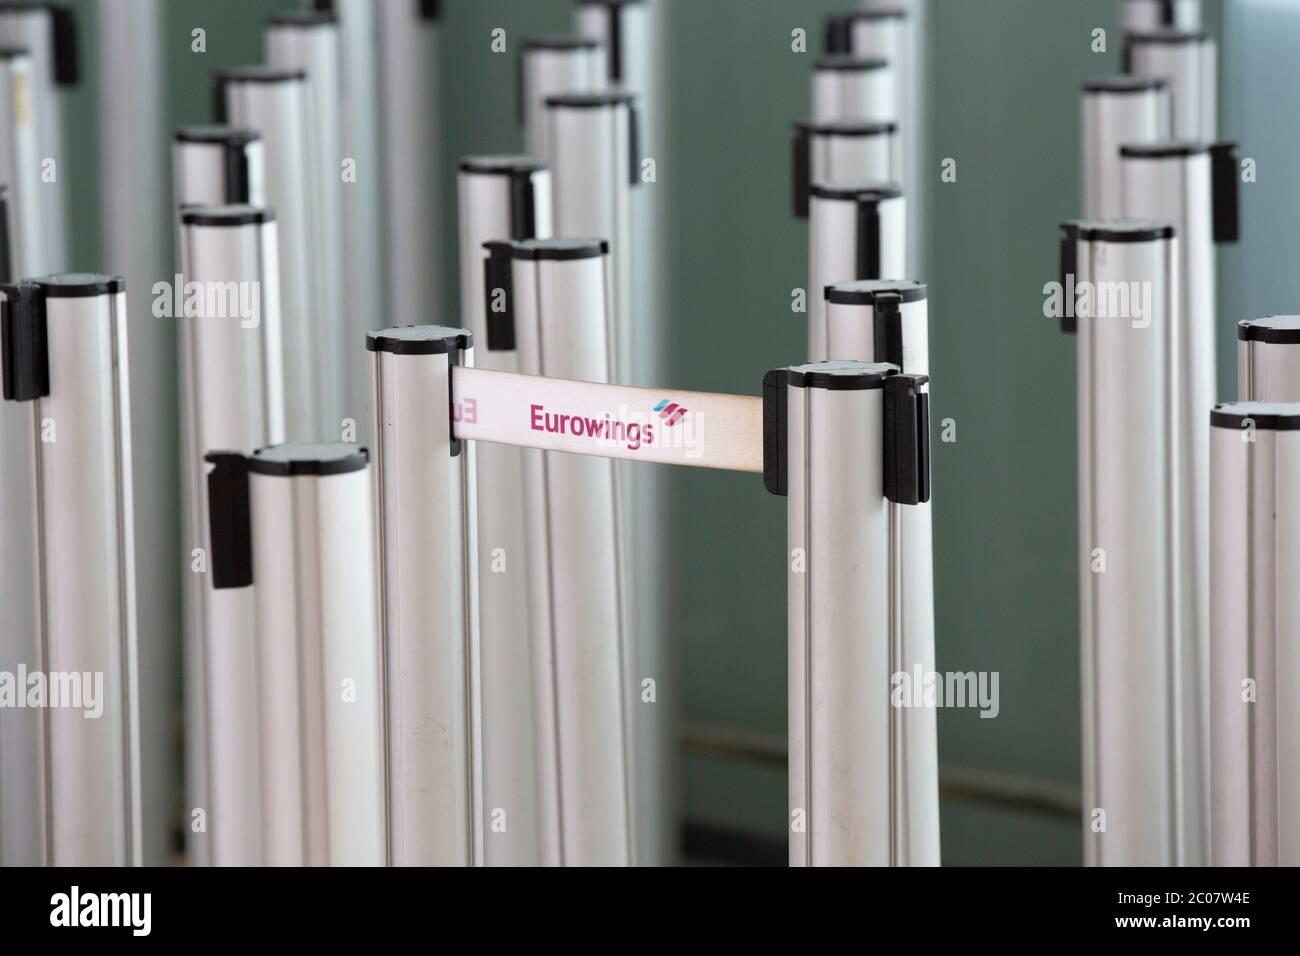 Auswirkung am Flughafen Köln/Bonn Passagierrückgang im Zusammenhang mit der weltweiten Ausbreitung des Coronavirus. Köln, 14.03.2020 Stock Photo